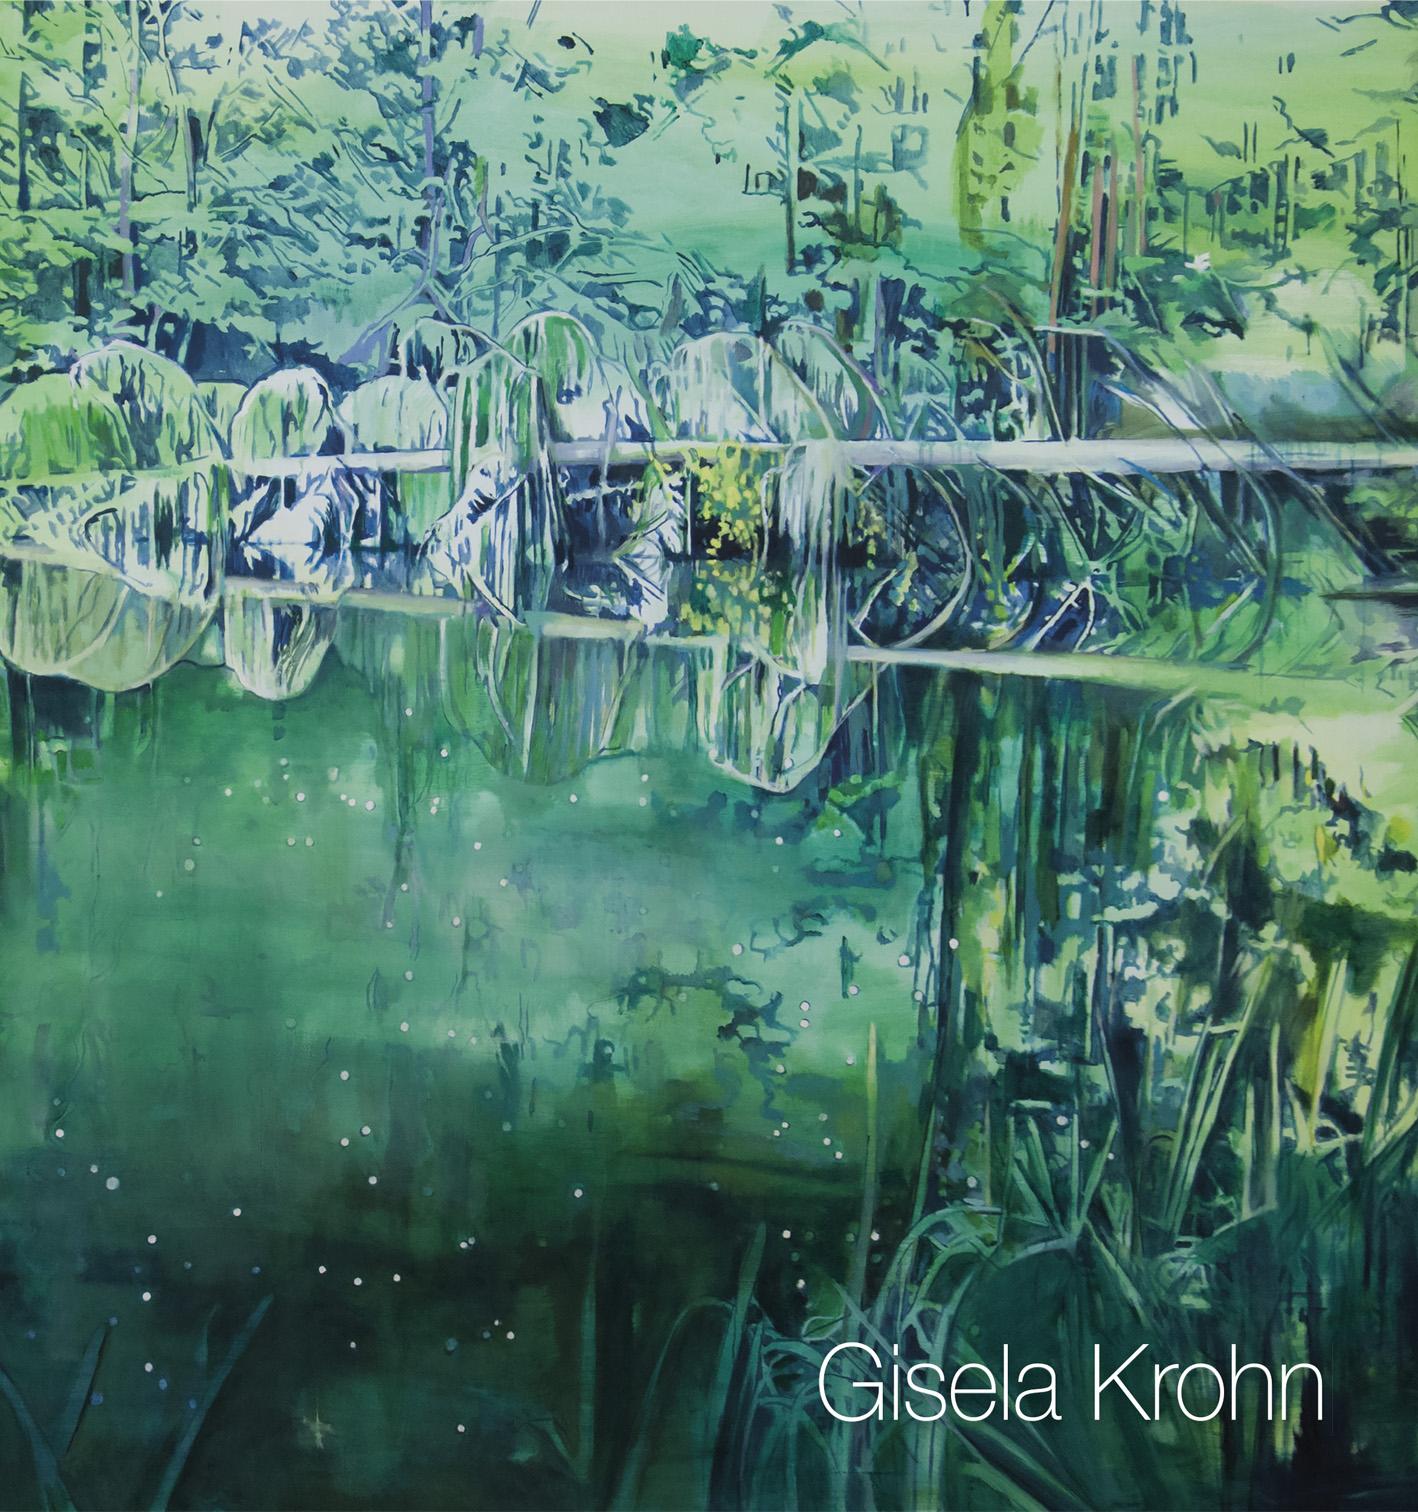 Flyer Gisela Krohnn